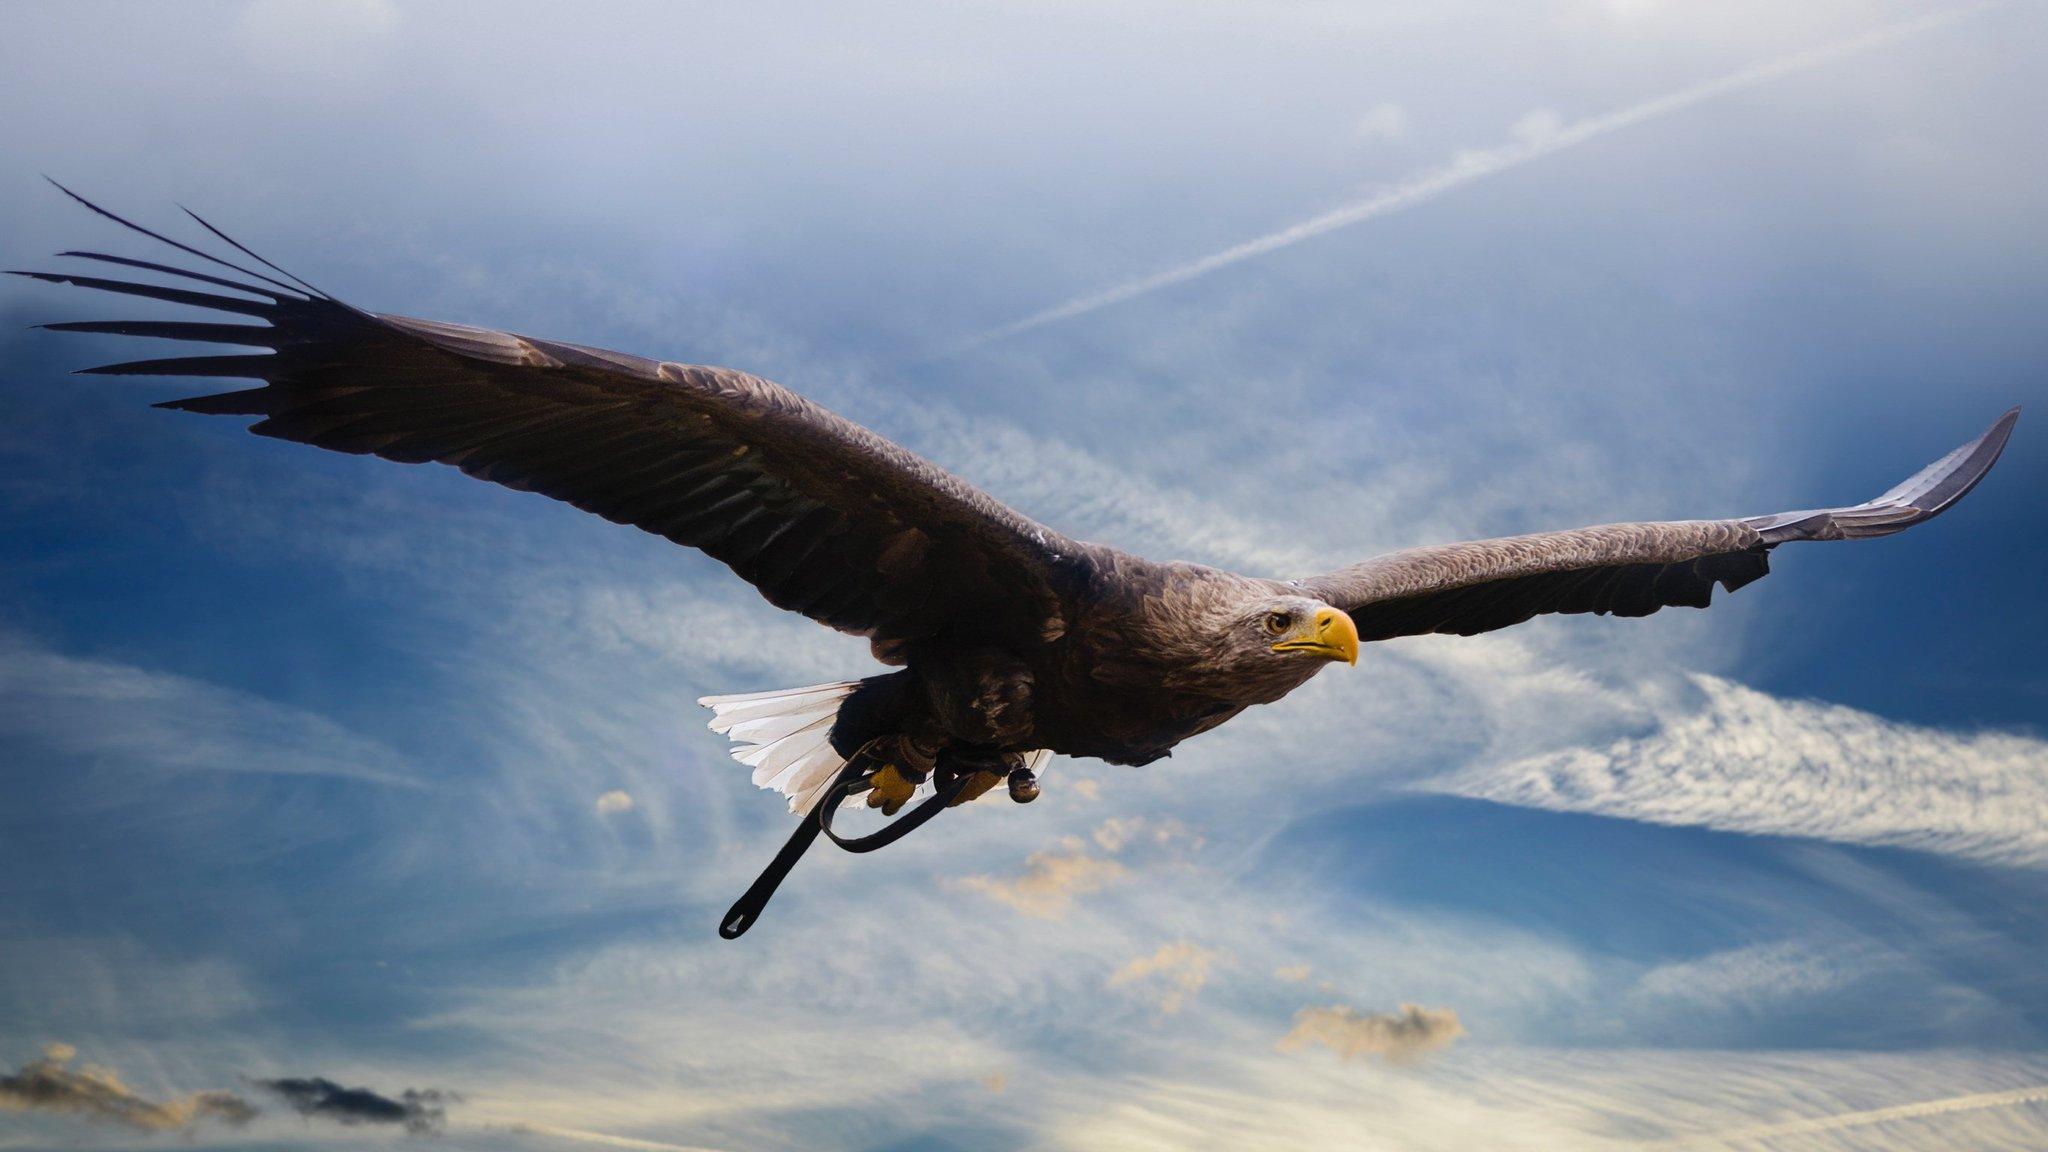 Год парящего орла смешные картинки